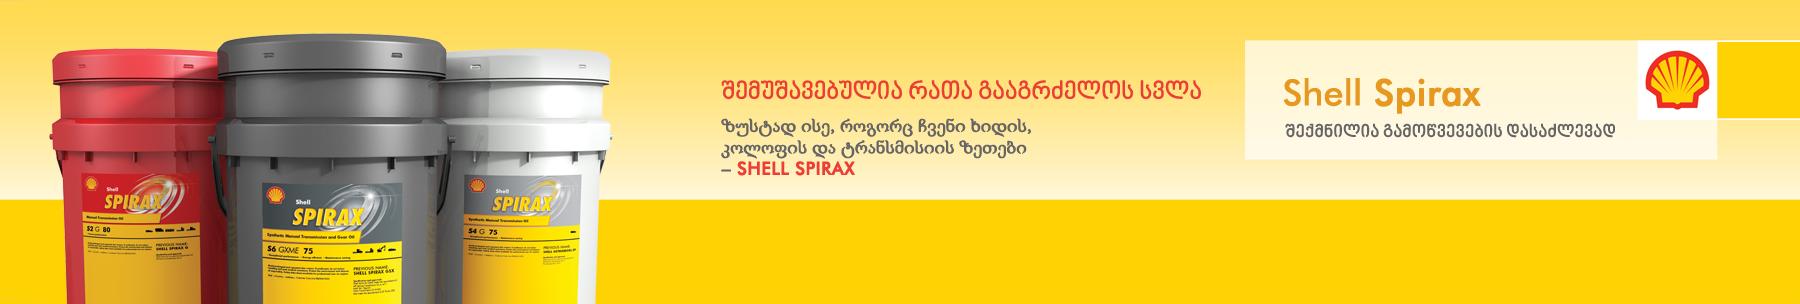 shel_spirax_ge